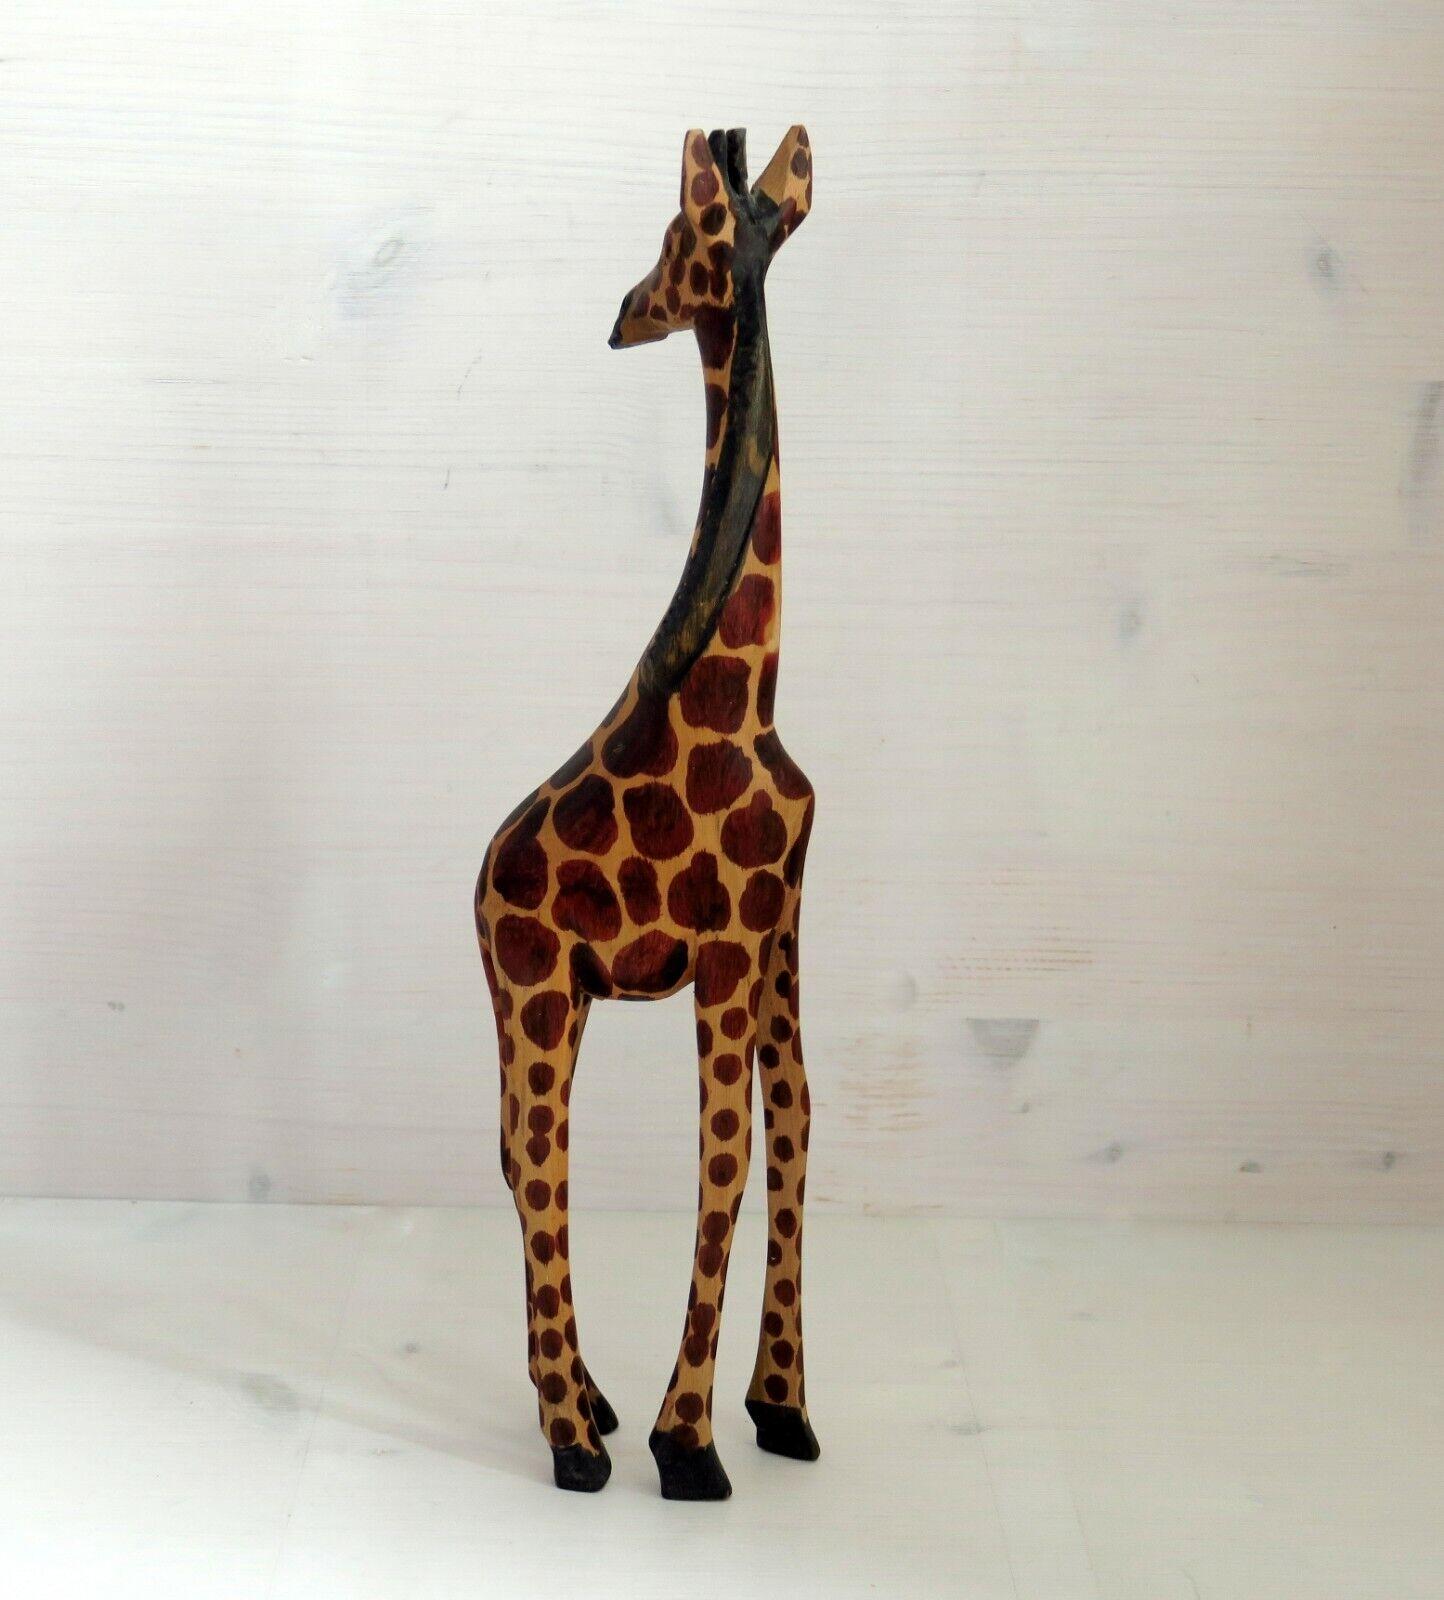 Holz-Giraffe 30 cm hoch / schön gemustert / Handarbeit / Deko / Skulptur